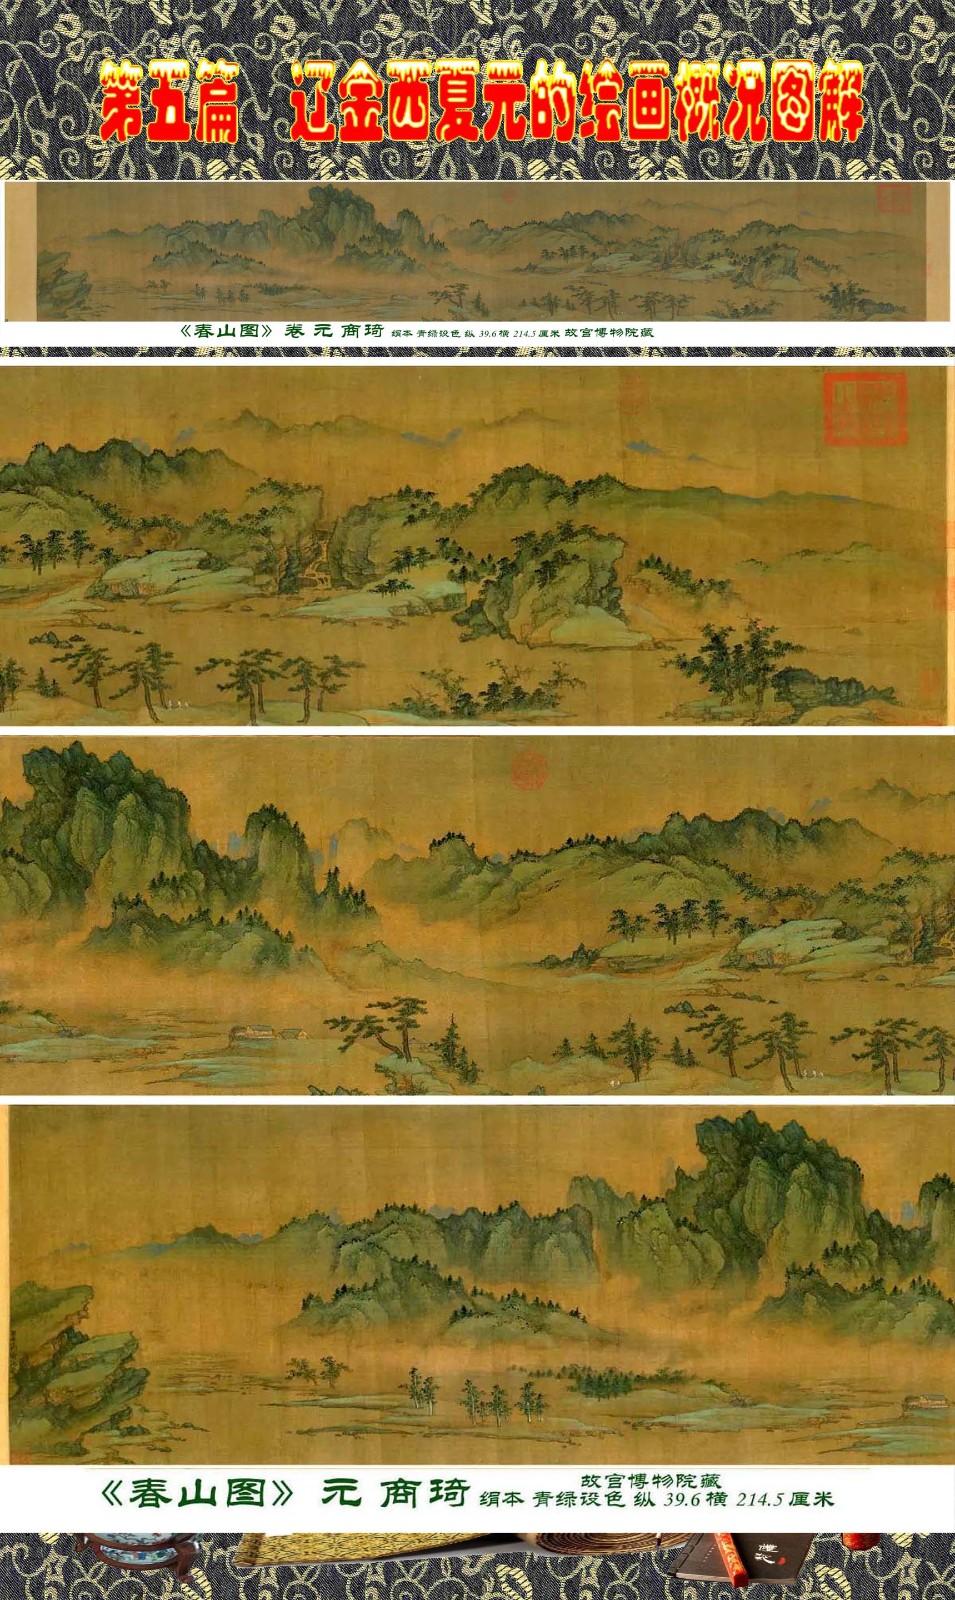 顾绍骅编辑 中国画知识普及版 第五篇 辽金西夏元的绘画概况 下 ... ..._图1-10